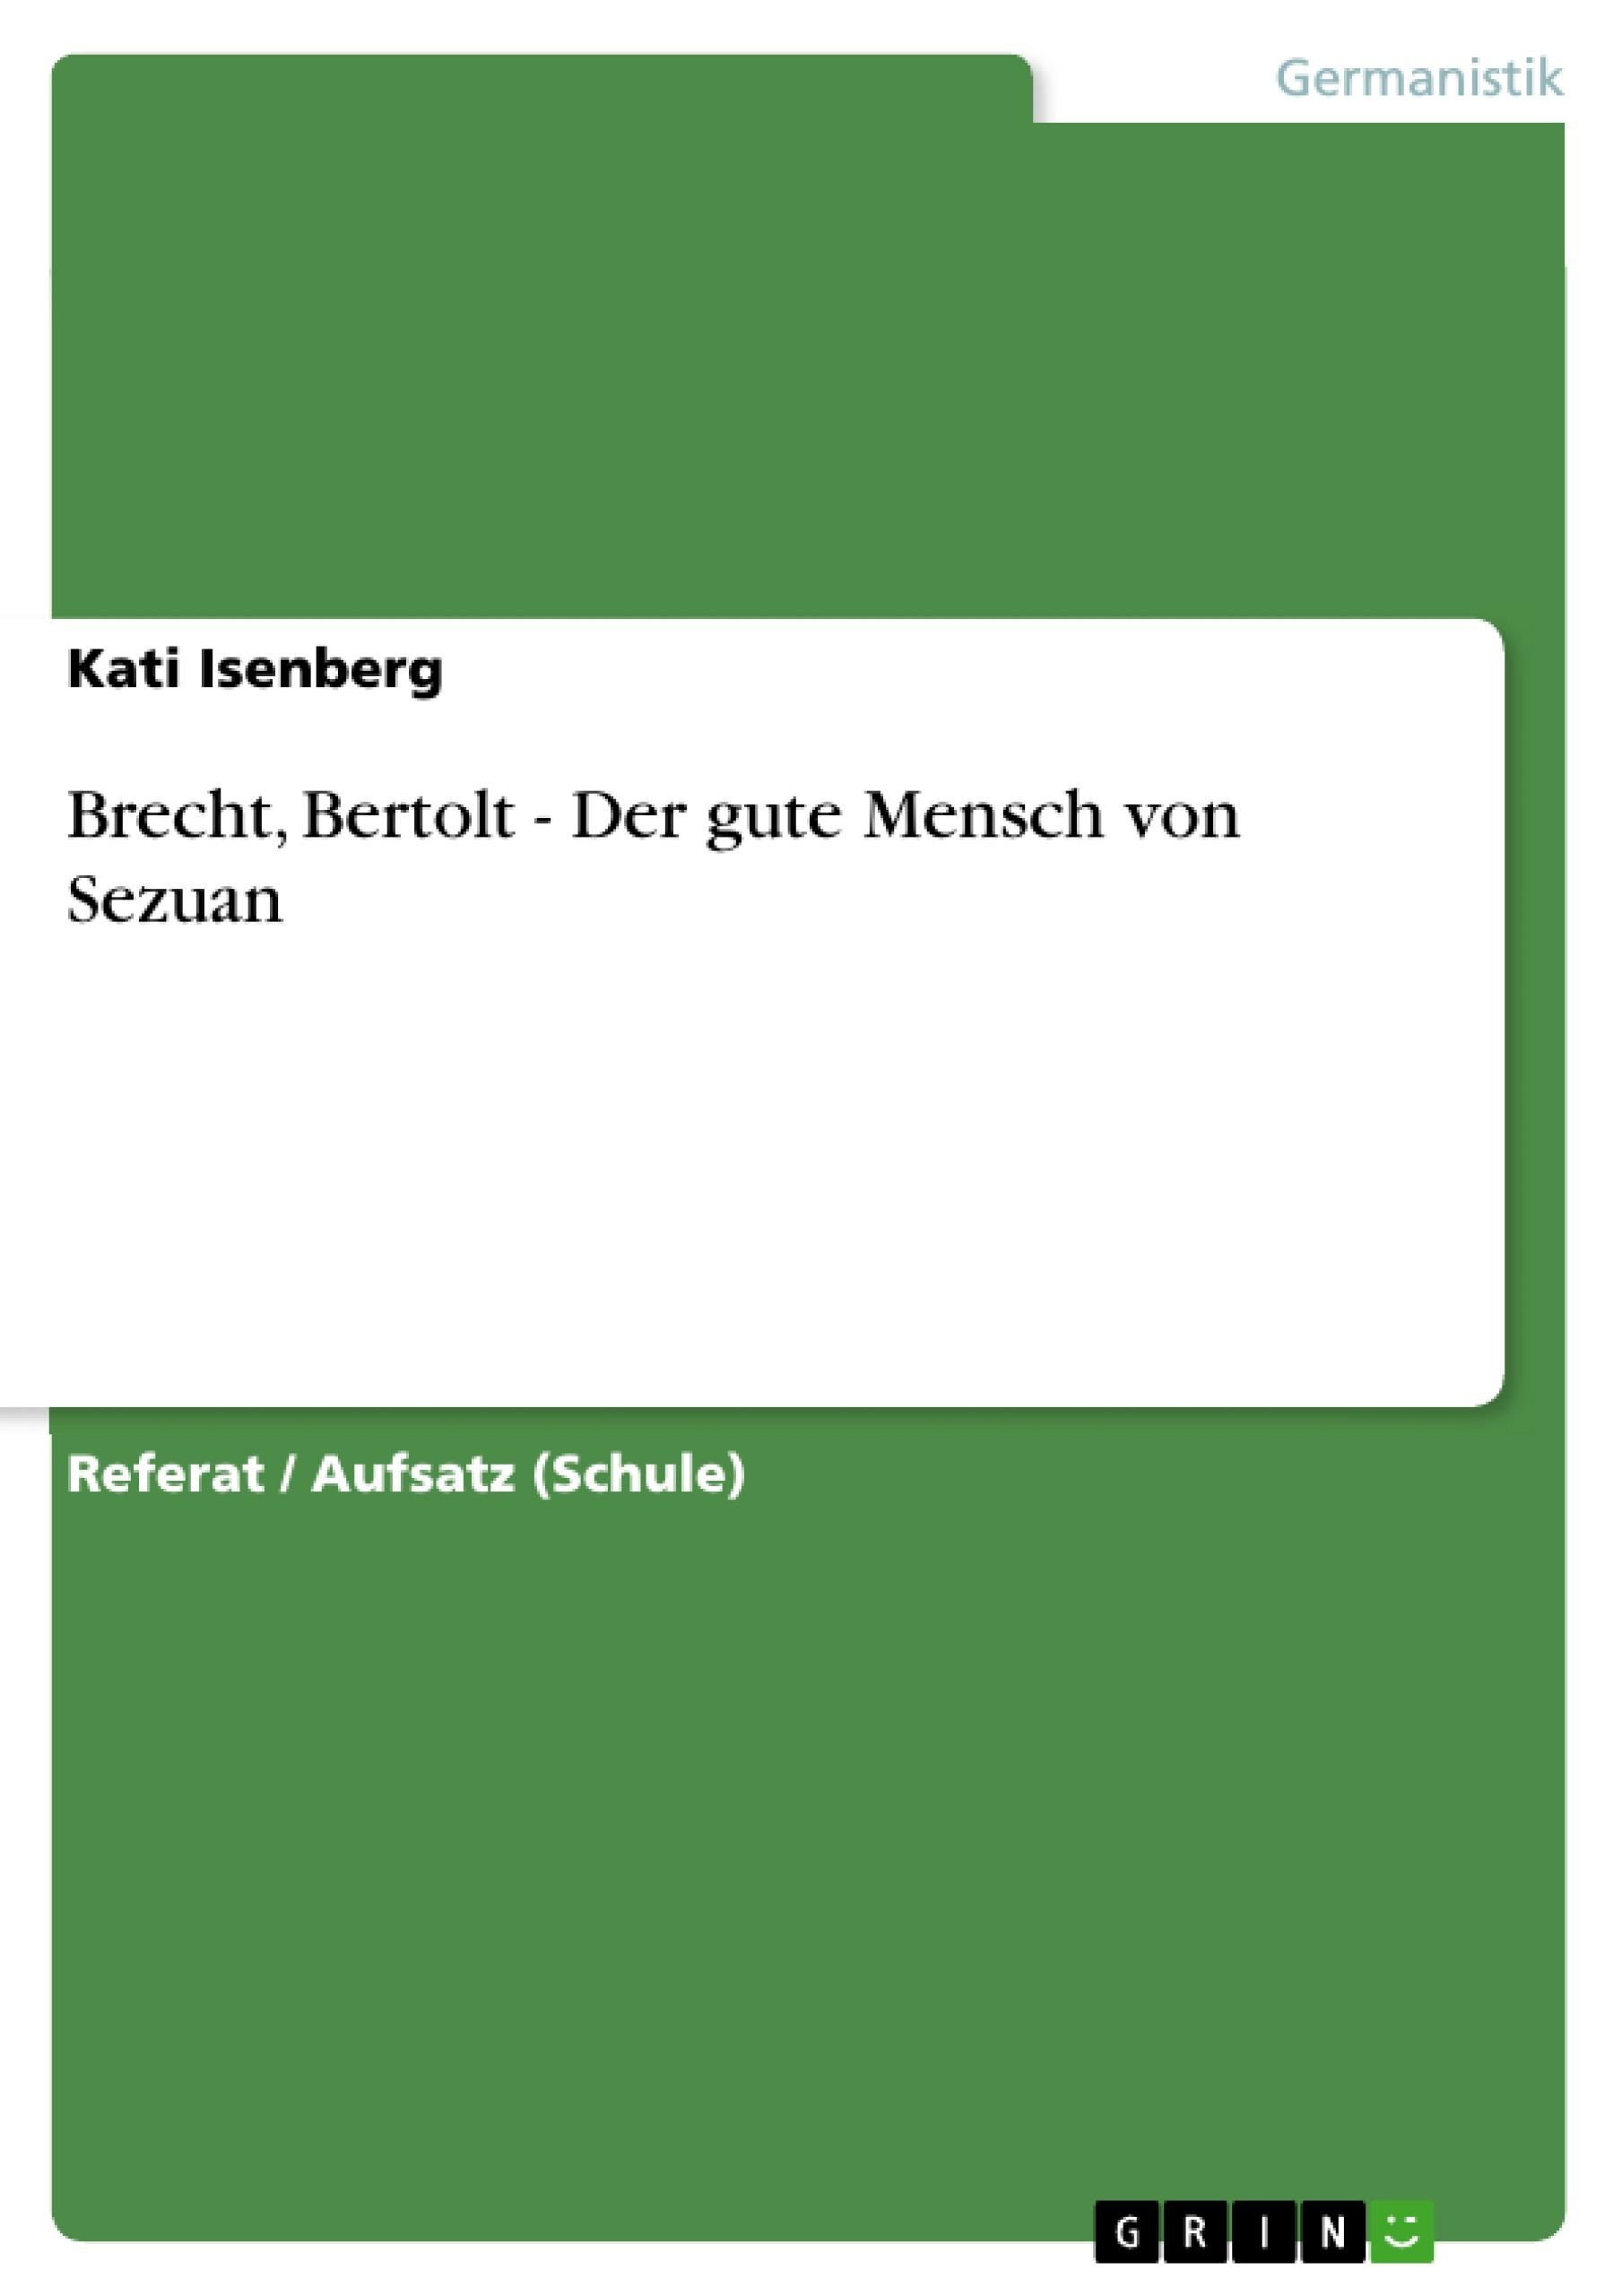 Titel: Brecht, Bertolt - Der gute Mensch von Sezuan